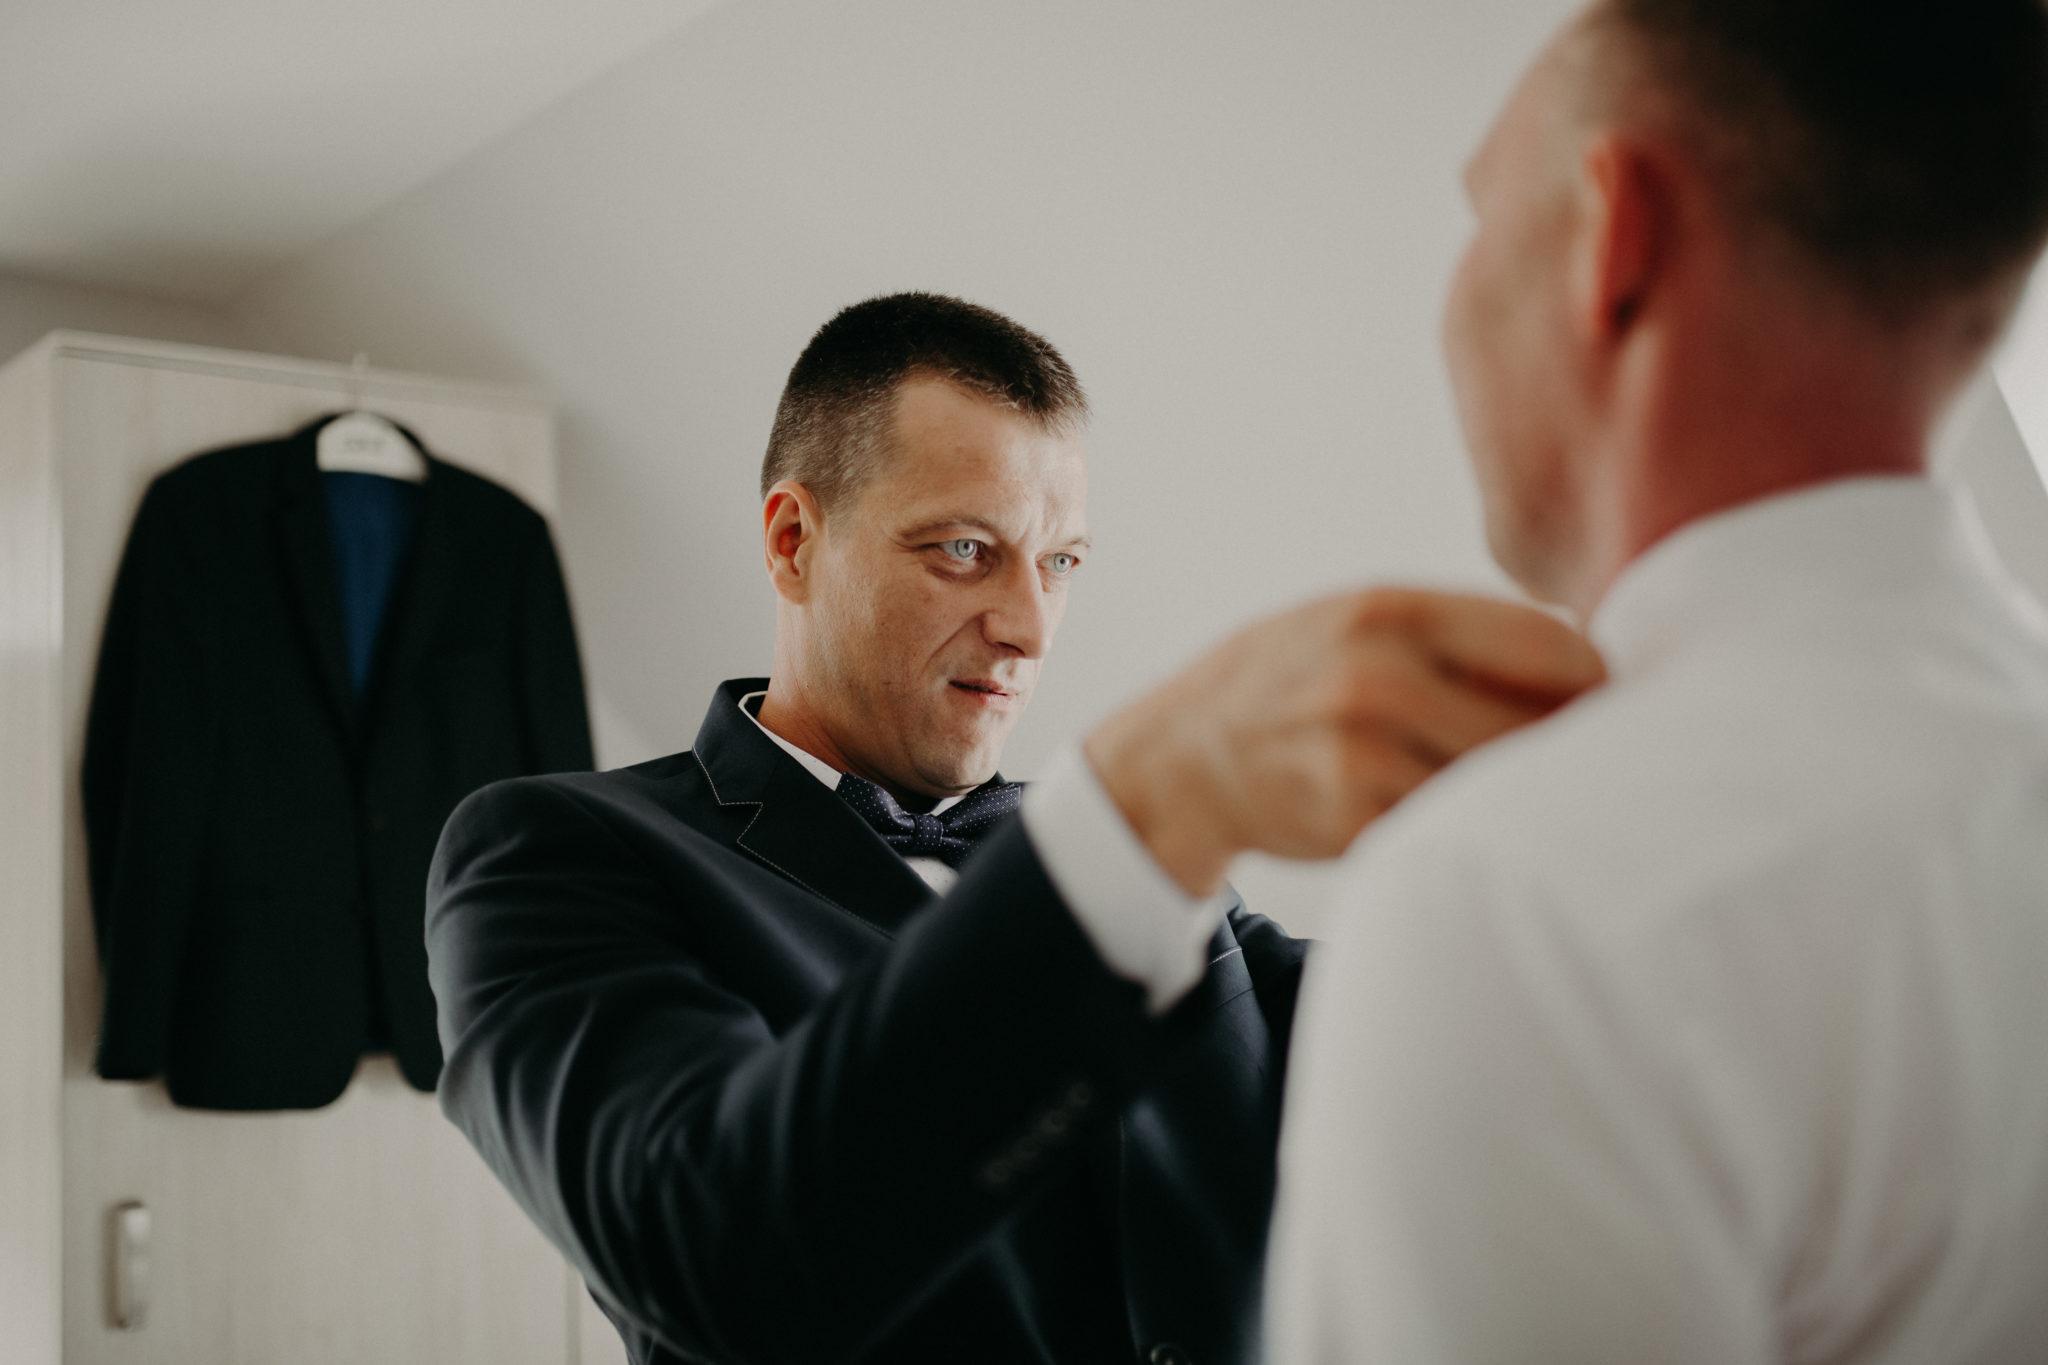 gosia i kuba5 1 - fotografiagk Fotografia ślubna RK wedding